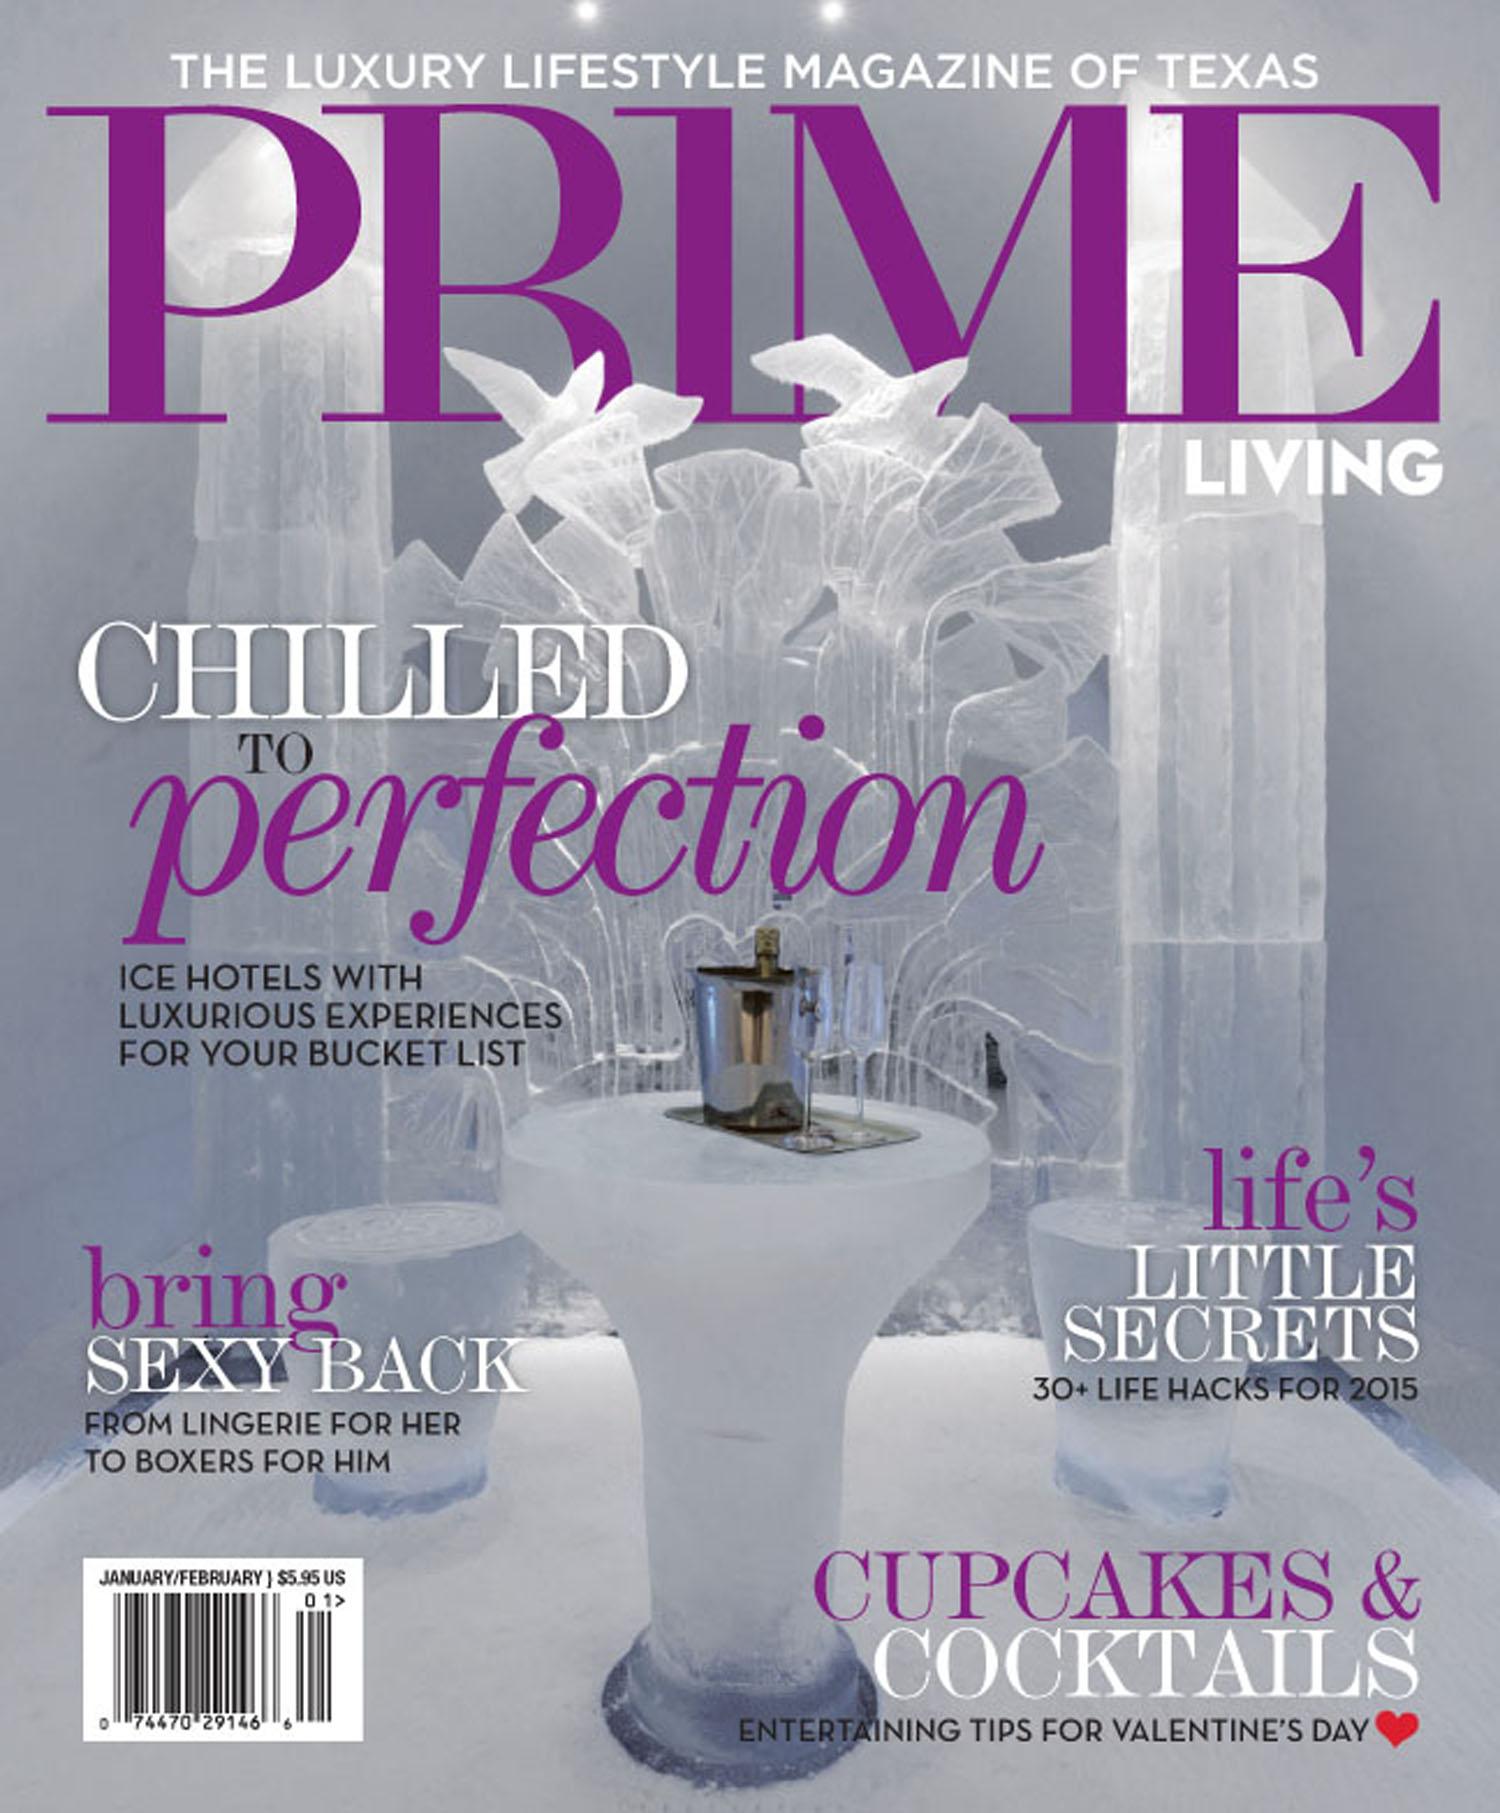 2015 JAN FEB PRIME LIVING COVER.jpg